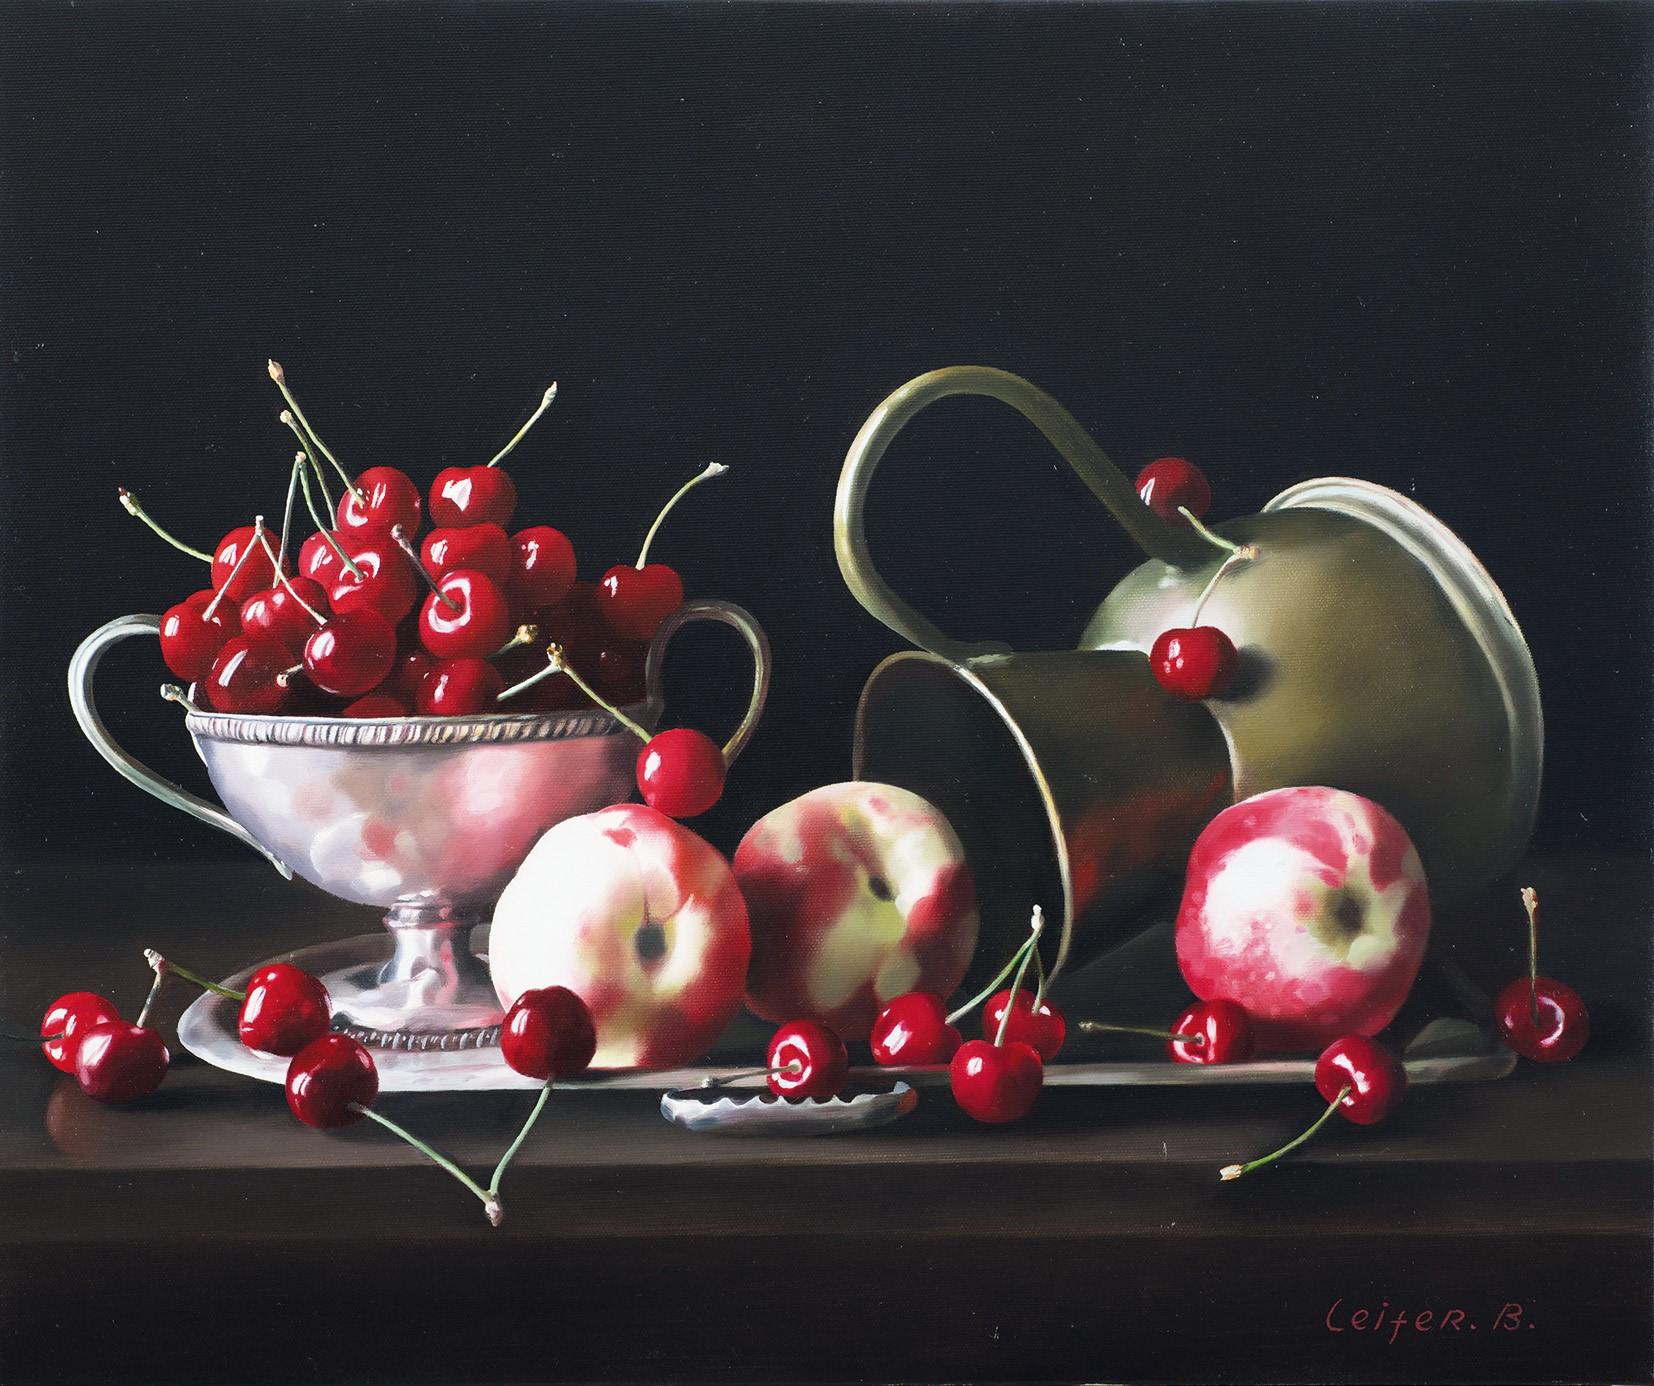 תערוכת ציורים של האמן בוריס לייפר